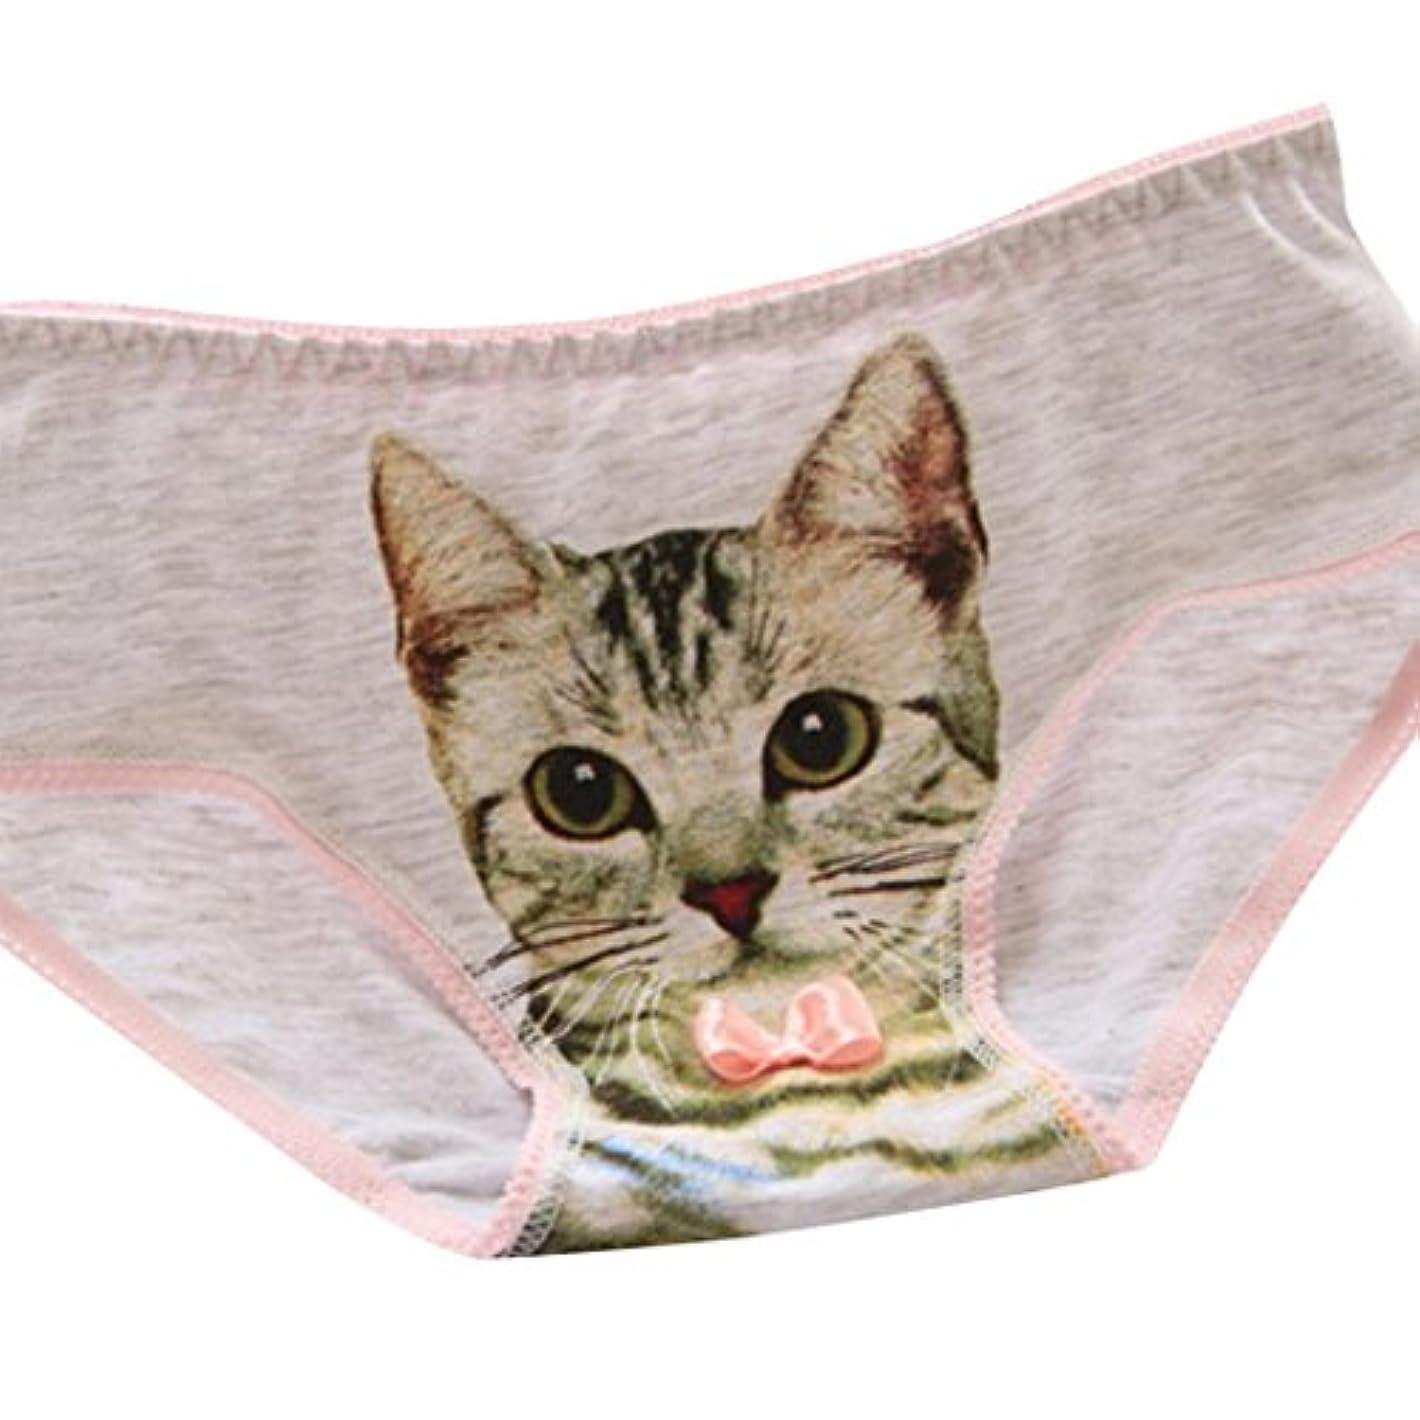 やりがいのある確立拒絶するKohore レディース セクシー パンティ 可愛い 3D 猫柄 新型 三角 綿 Tバック 下着 多色 過激 ランジェリー 見せパン ビキニ パンツ 誘惑 エッチ Tショーツ エロ 女性 パンティー Gストリング プレゼント